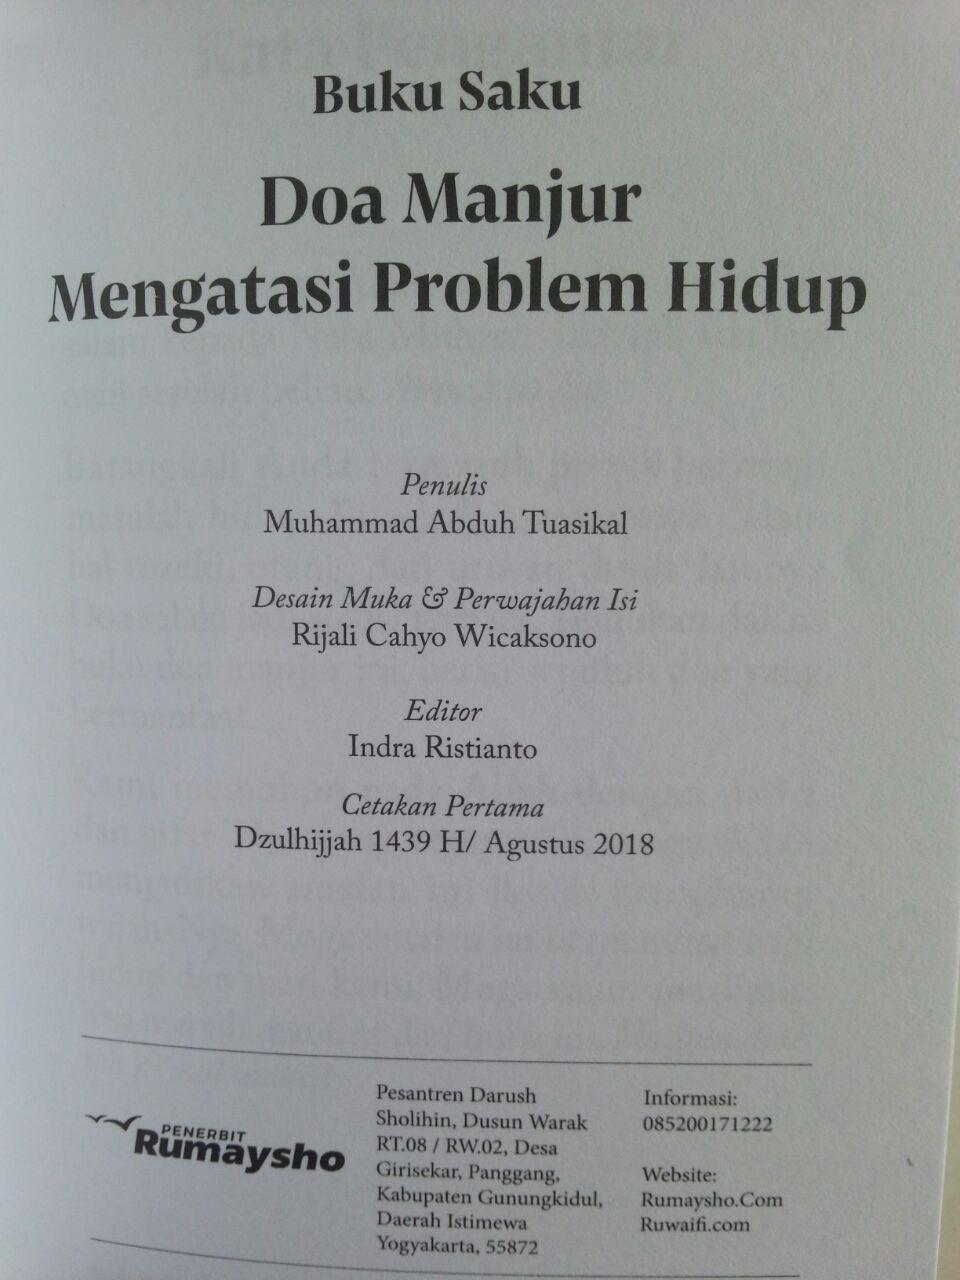 Buku Saku Doa Manjur Mengatasi Problem Hidup isi 2